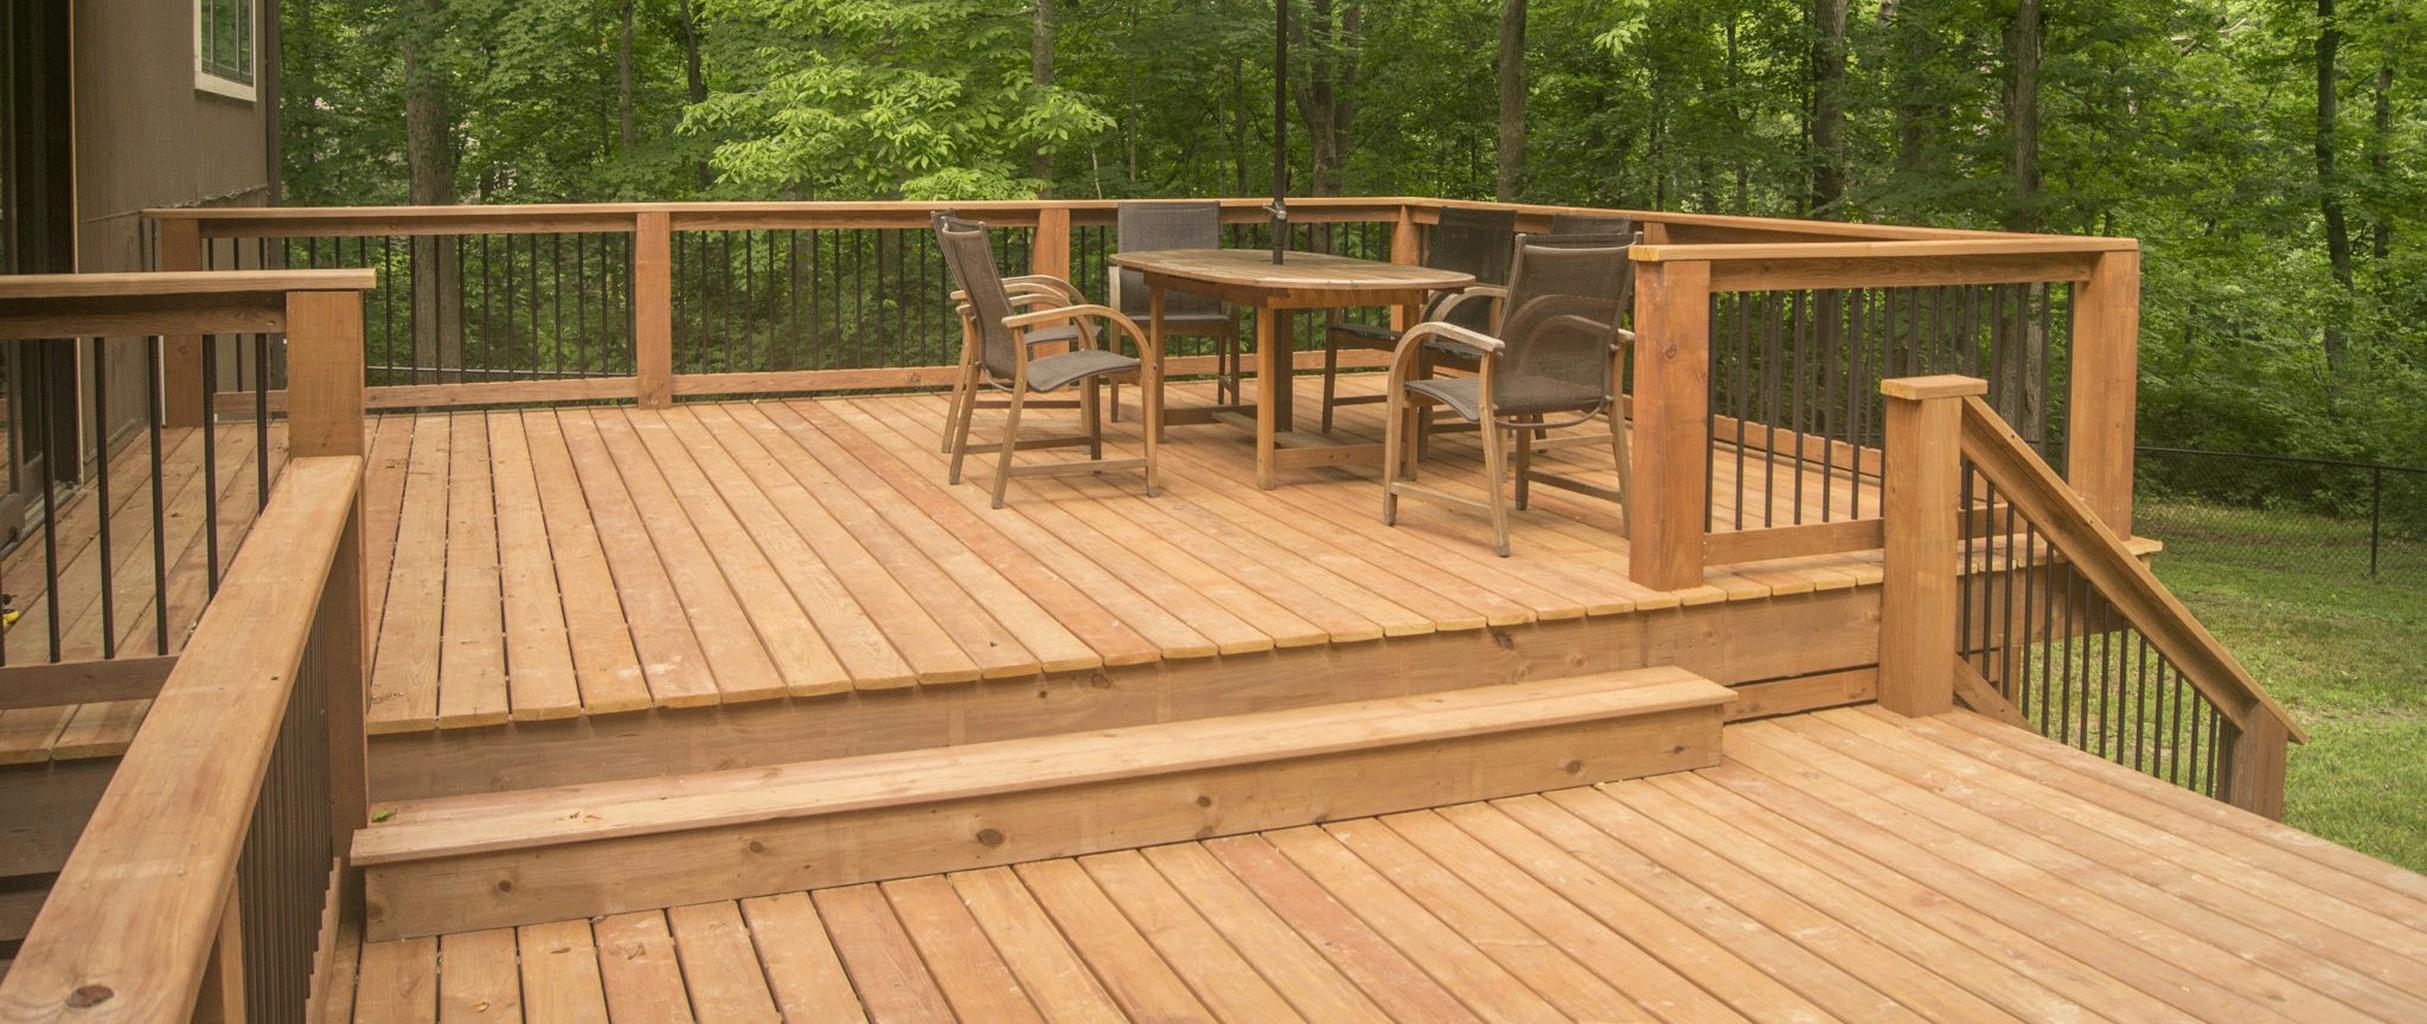 Comment Fabriquer Une Terrasse En Beton 10 trucs pour une terrasse écologique très durable